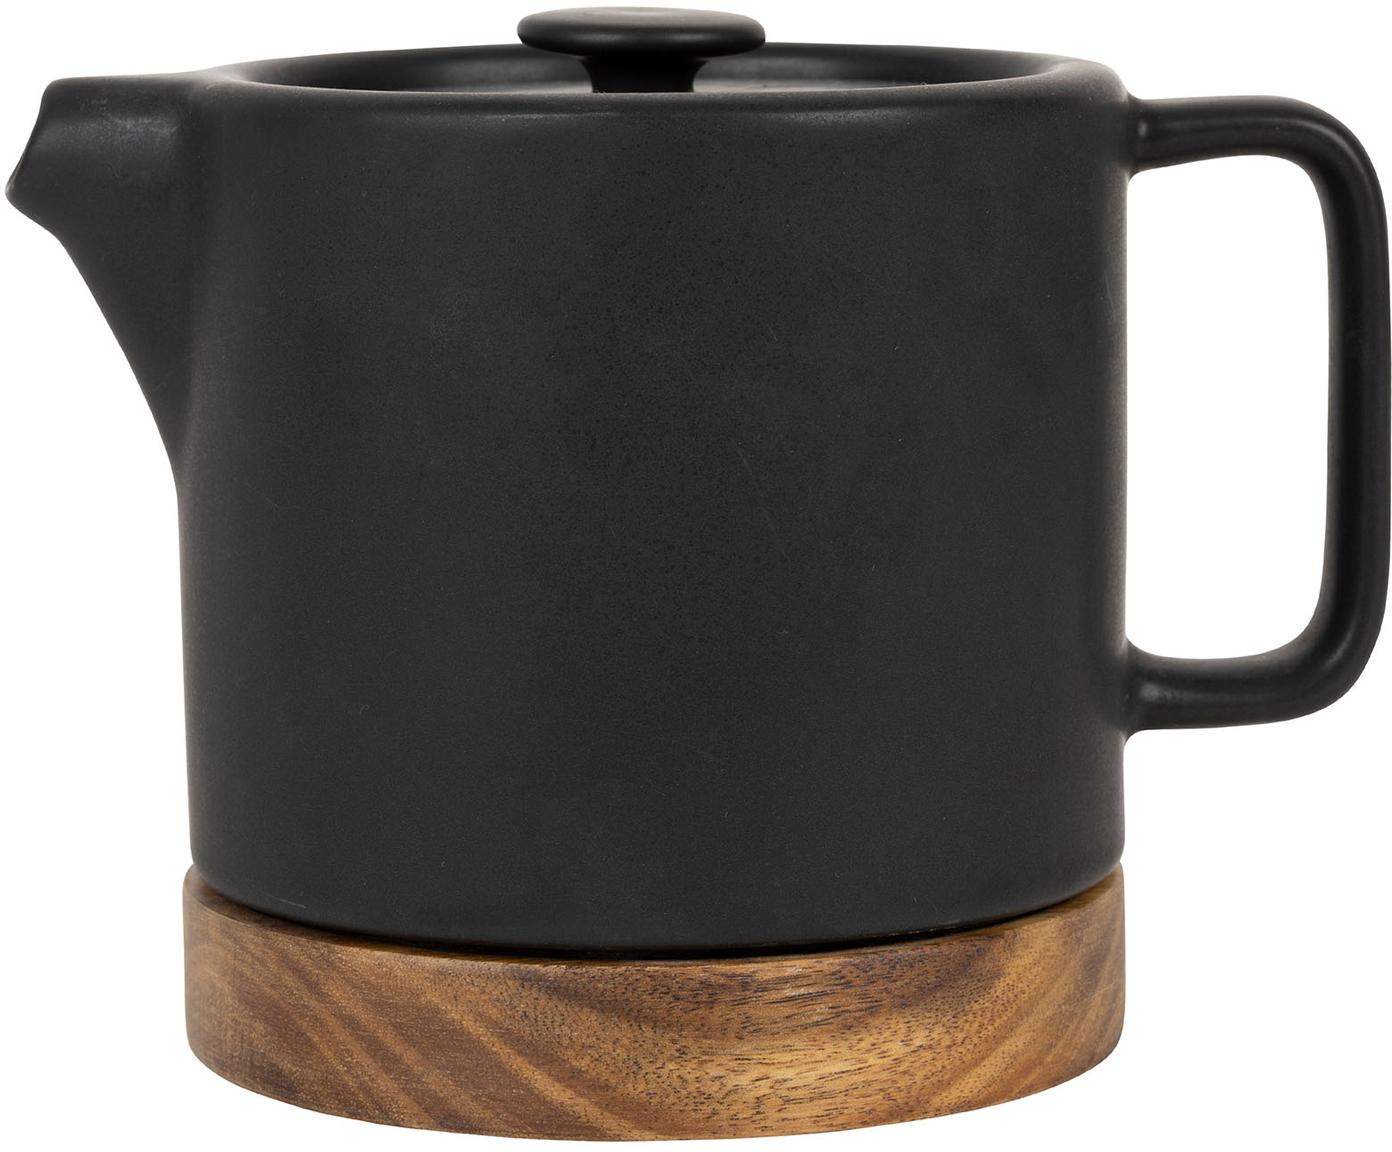 Tetera Nordika, Gres, madera de acacia, Negro, marrón, Ø 12 x Al 12 cm